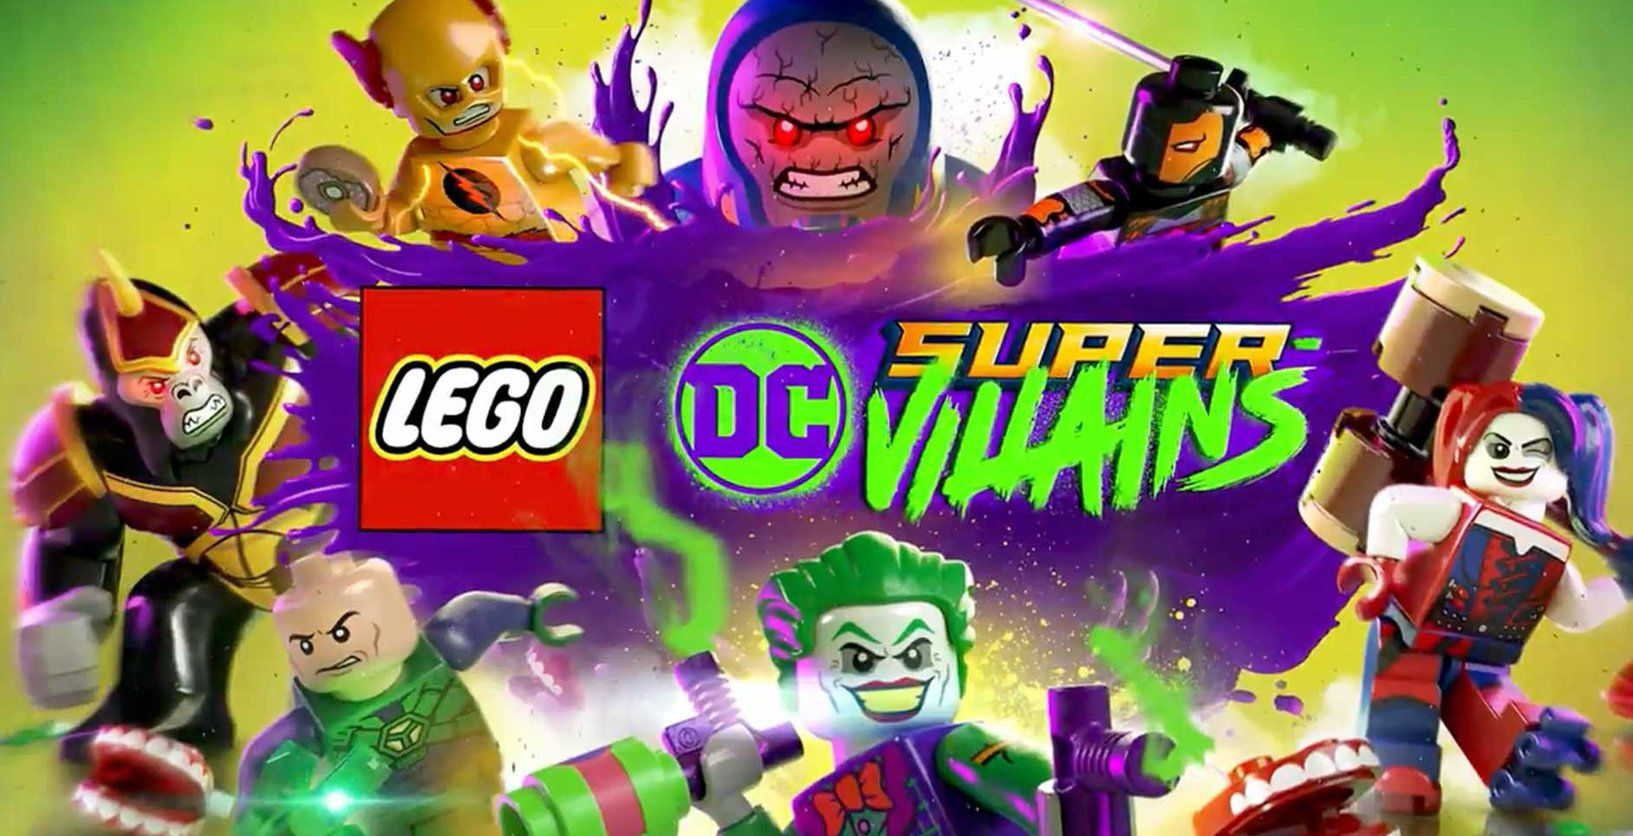 LEGO DC Super-Villains Złoczyńcy (PC) Digital - Polski Dubbing